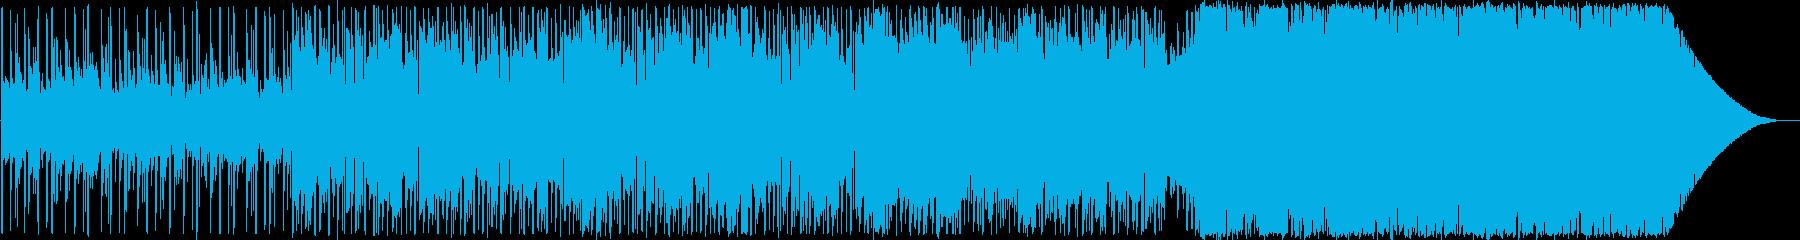 キャッチーなメロディーのポップスの再生済みの波形